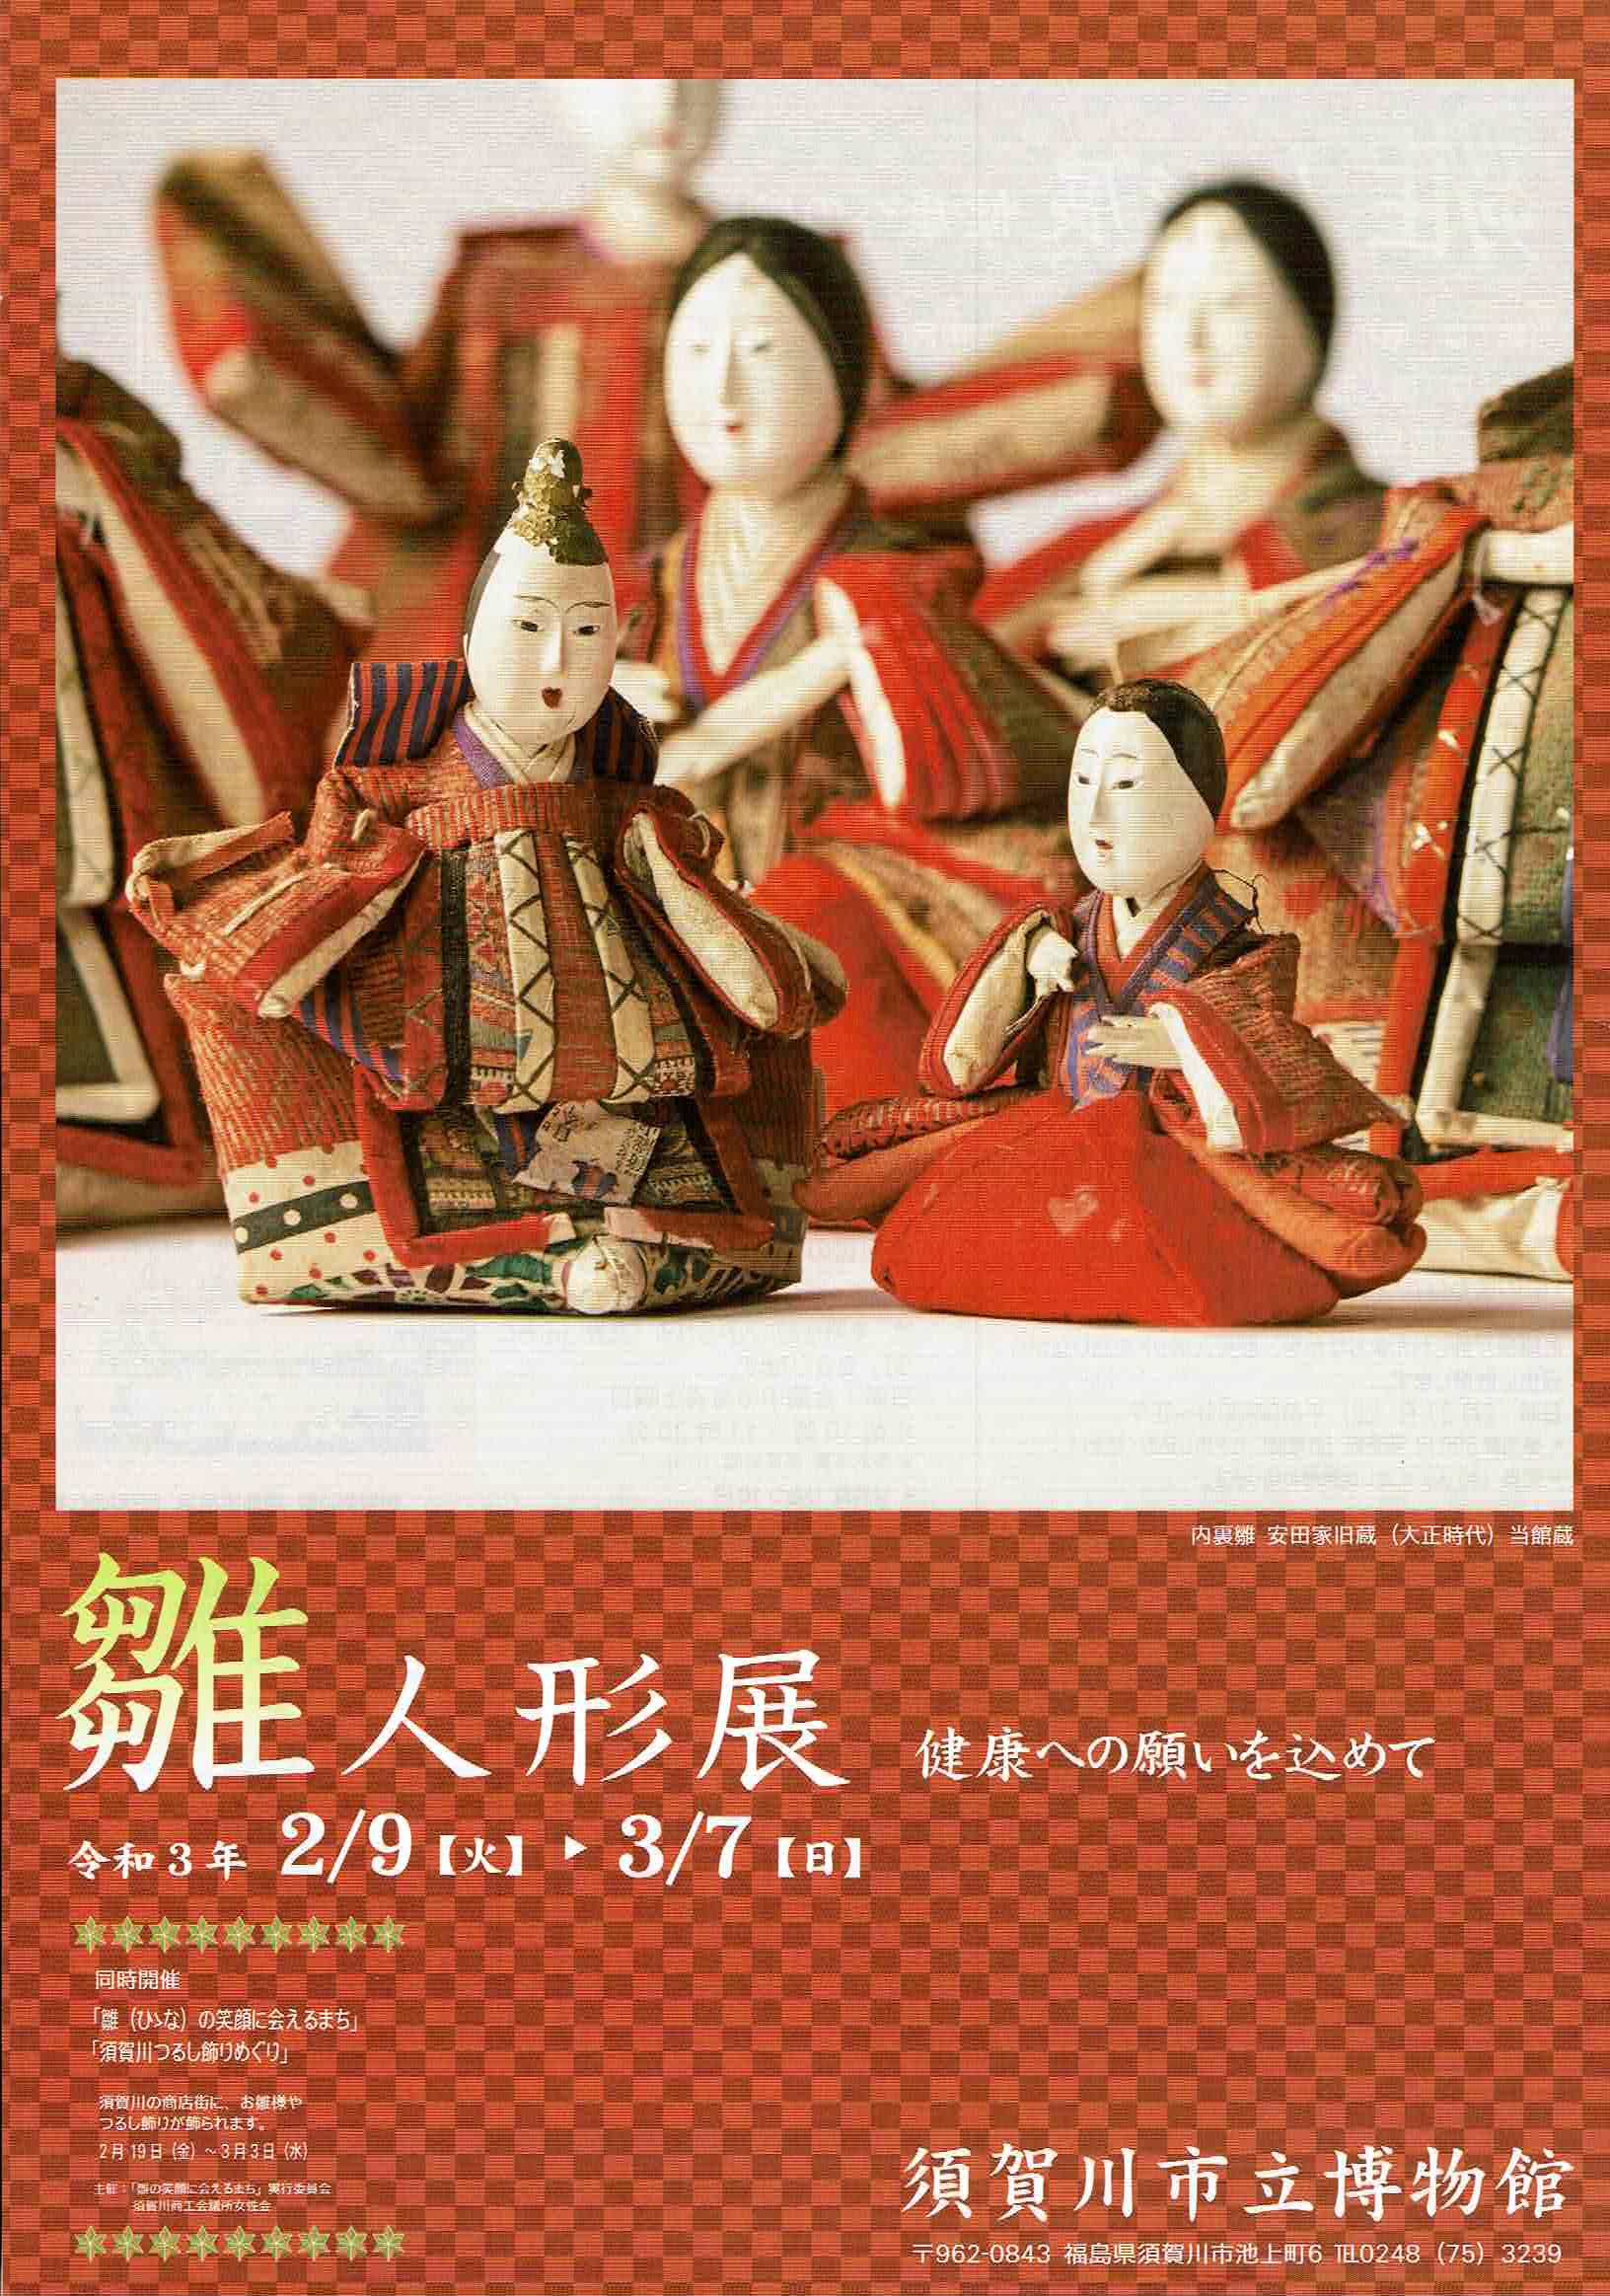 雛人形展 ◆2/9(火)~3/7(日)